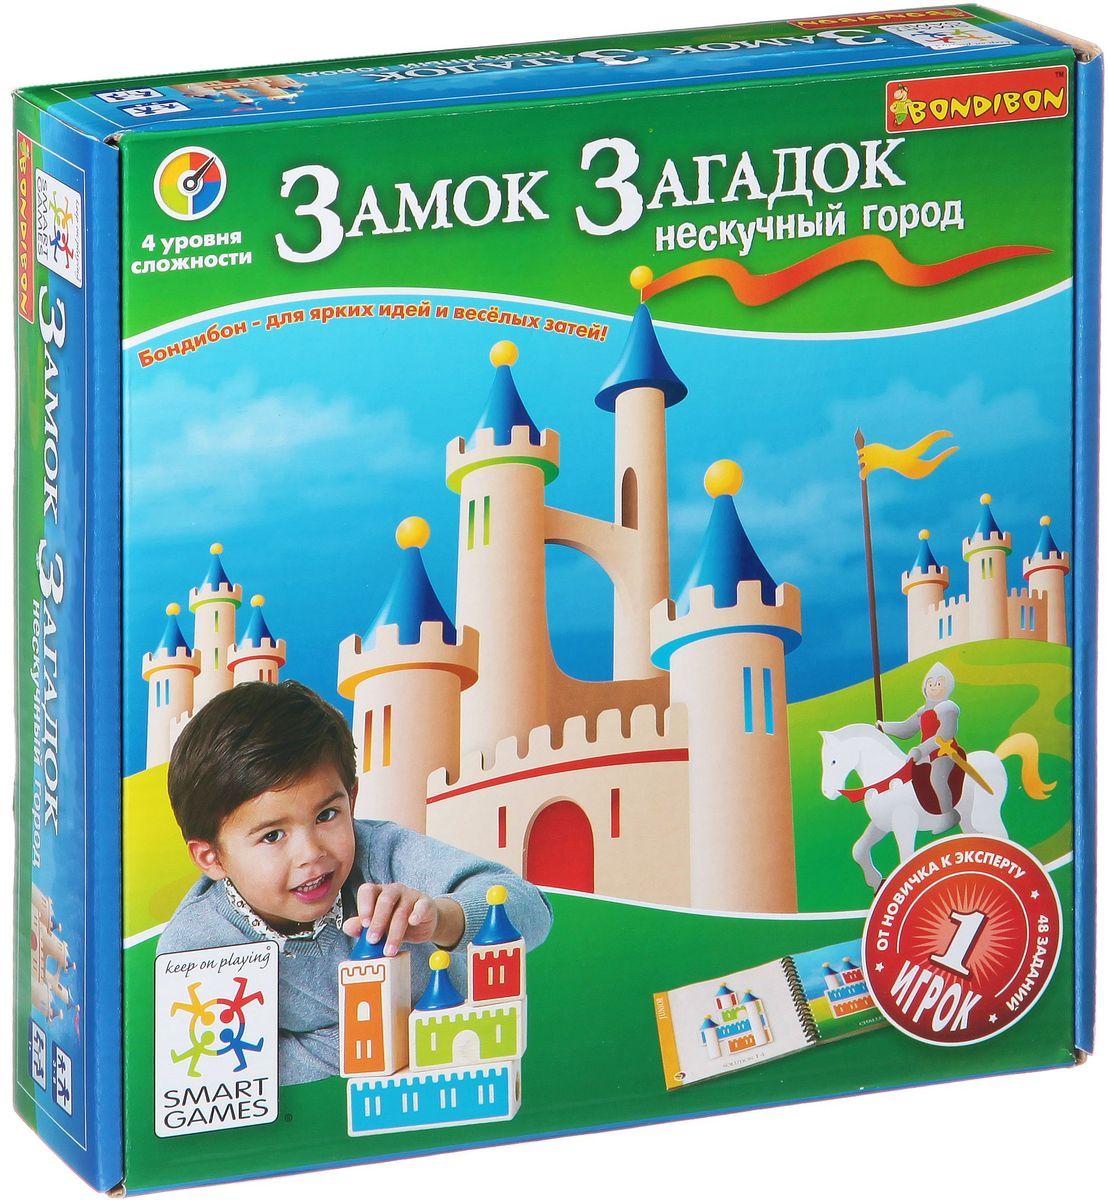 Bondibon Развивающая игра Замок Загадок Нескучный городВВ1356Построить красивый рыцарский замок – это мечта любого мальчишки! А если постройка замка – это не только интересная игра, но и замечательное упражнение для логики и смекалки? Именно такой игрой является Замок загадок. Постройте замок из деревянных деталей в соответствии с прилагаемыми заданиями, блок за блоком, башню за башней! Для этого придется задействовать ум и сообразительность, поскольку башни имеют разный диаметр, а блоки – разные отверстия, и правильный ответ может быть только один! Прекрасная 3D-головоломка рассчитана на возраст детей от трех до восьми лет, но и взрослым подчас придется поломать голову над особо заковыристым заданием!